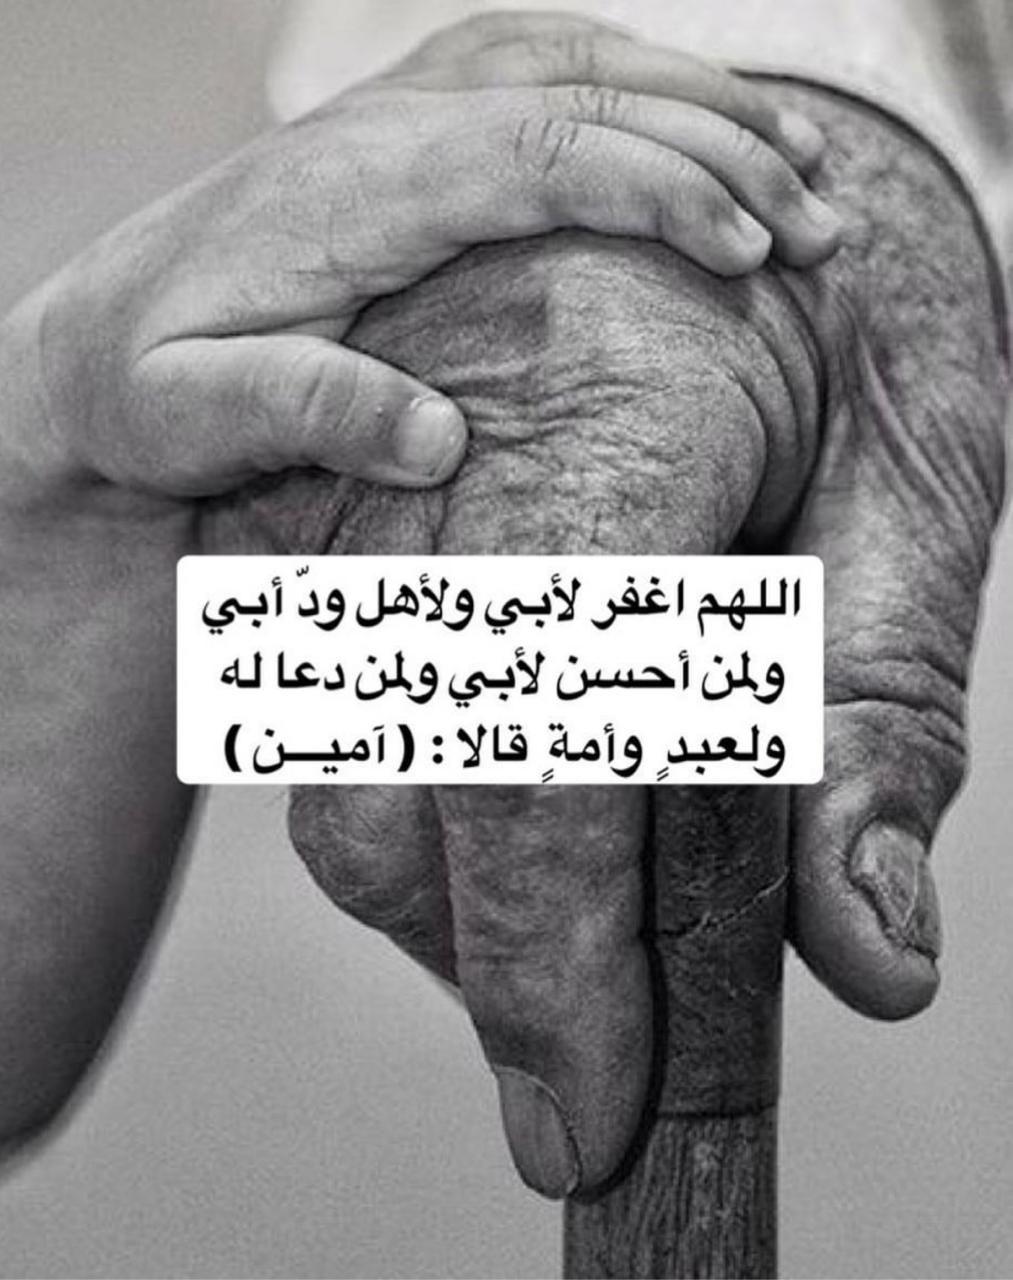 اللهم ارحم والدي ووالديه وولده وزوجة وعمتي وابنتها وابنها وجميع اموات المسلمين Islamic Quotes Wallpaper Islamic Quotes Quran Wallpaper Quotes